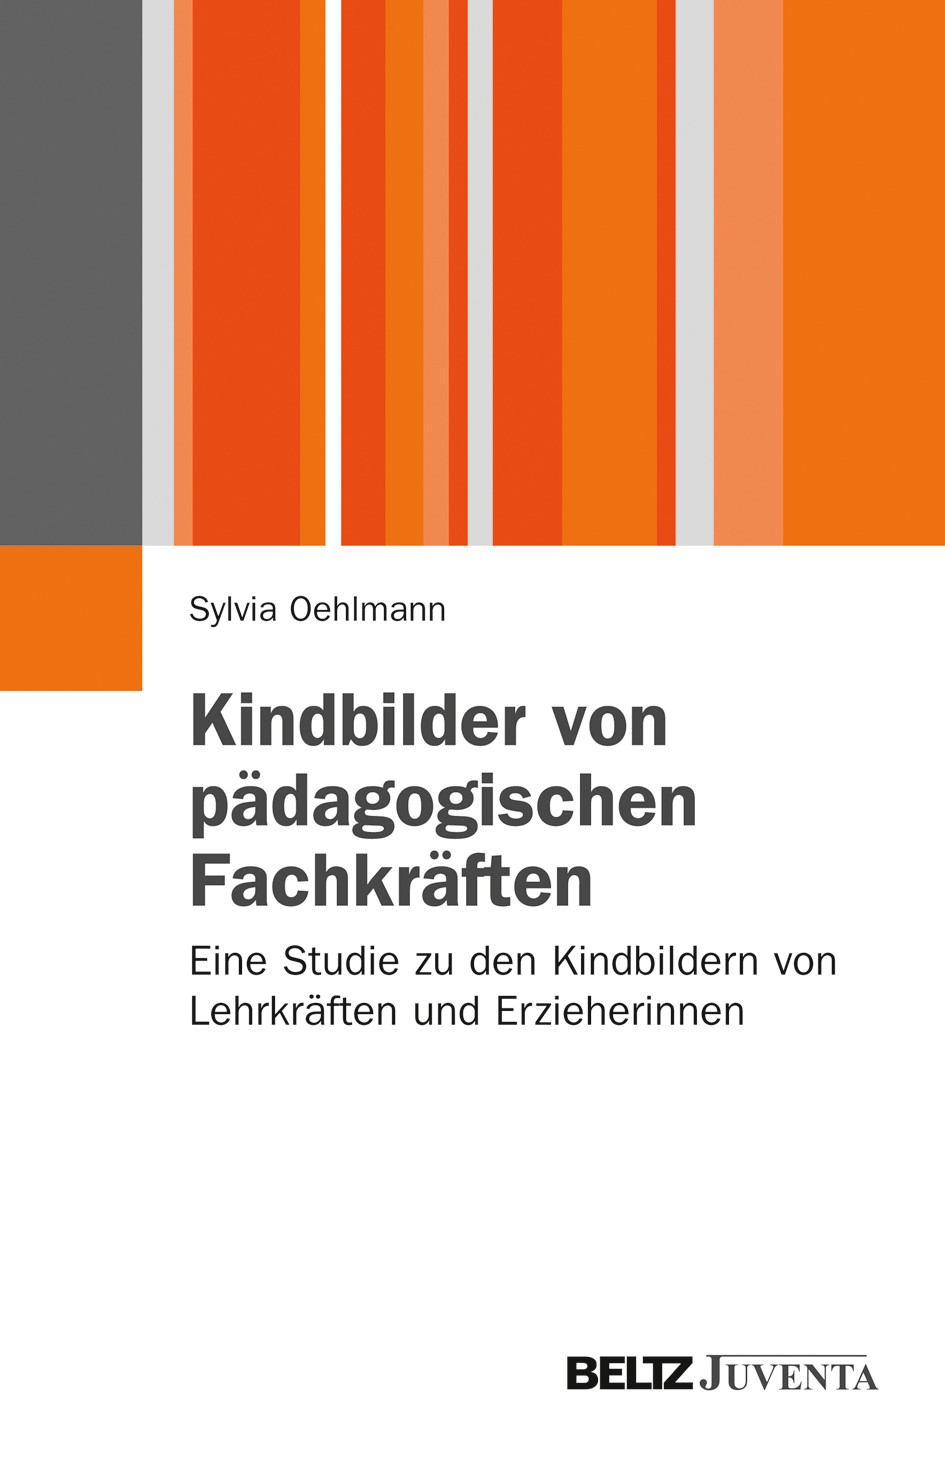 Kindbilder von pädagogischen Fachkräften   Oehlmann, 2012   Buch (Cover)